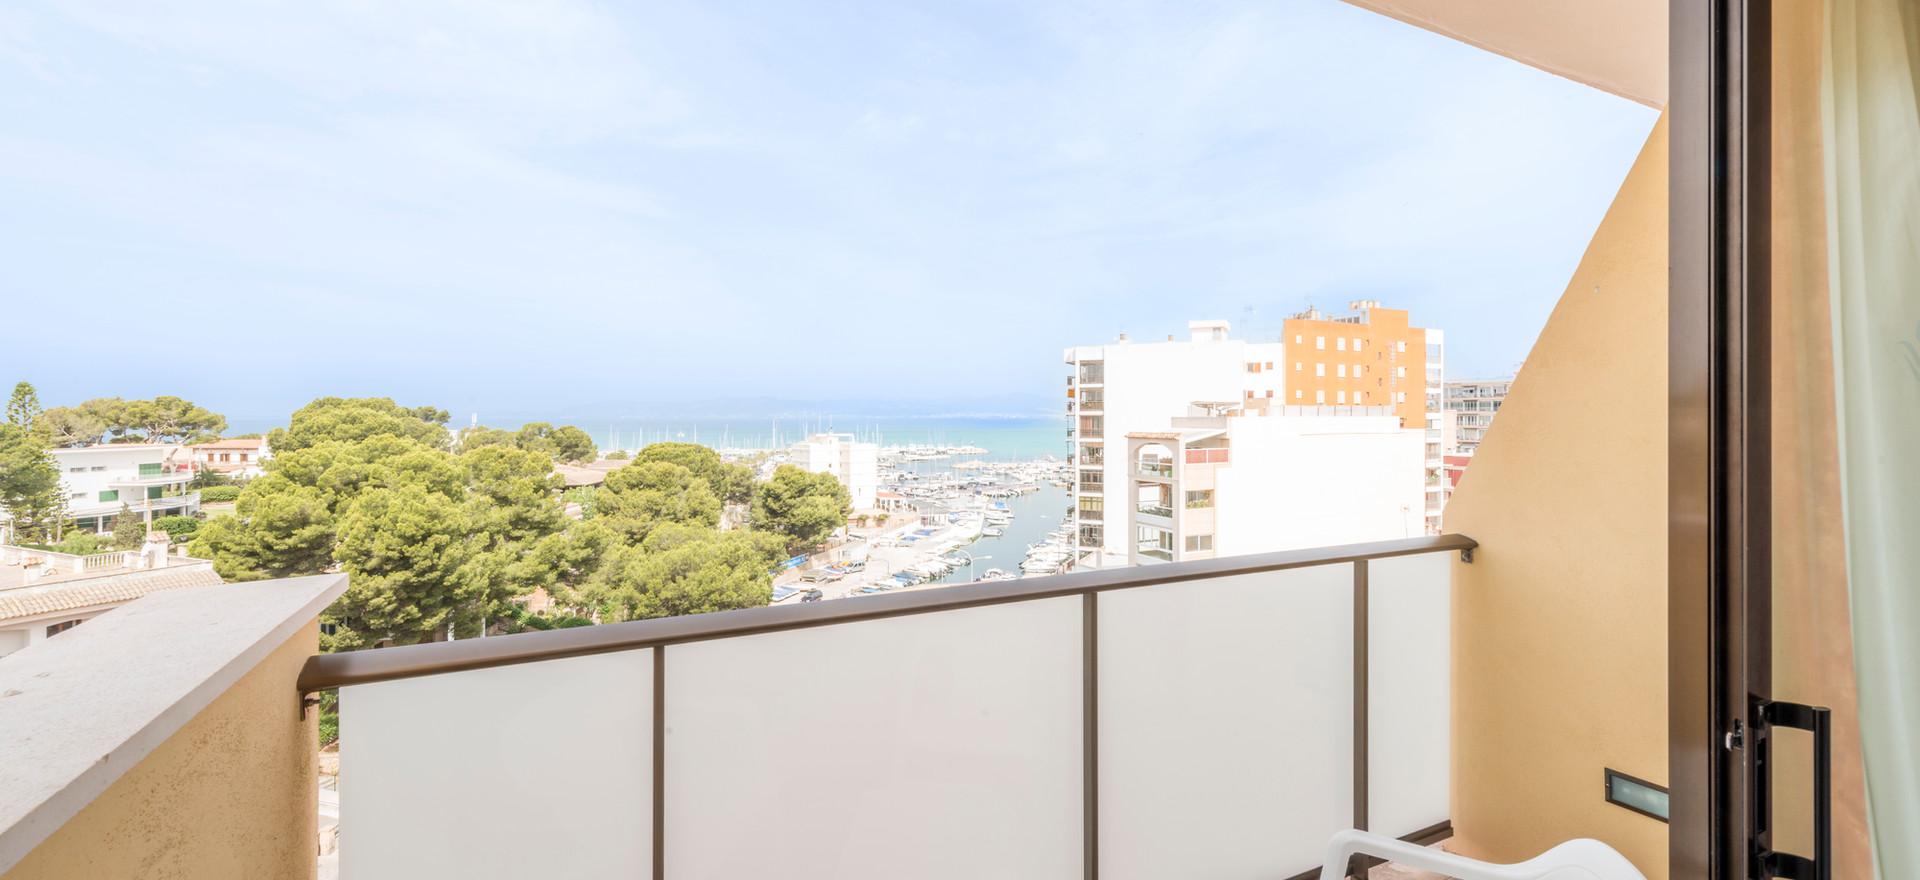 HotelAmazonas-26.jpg